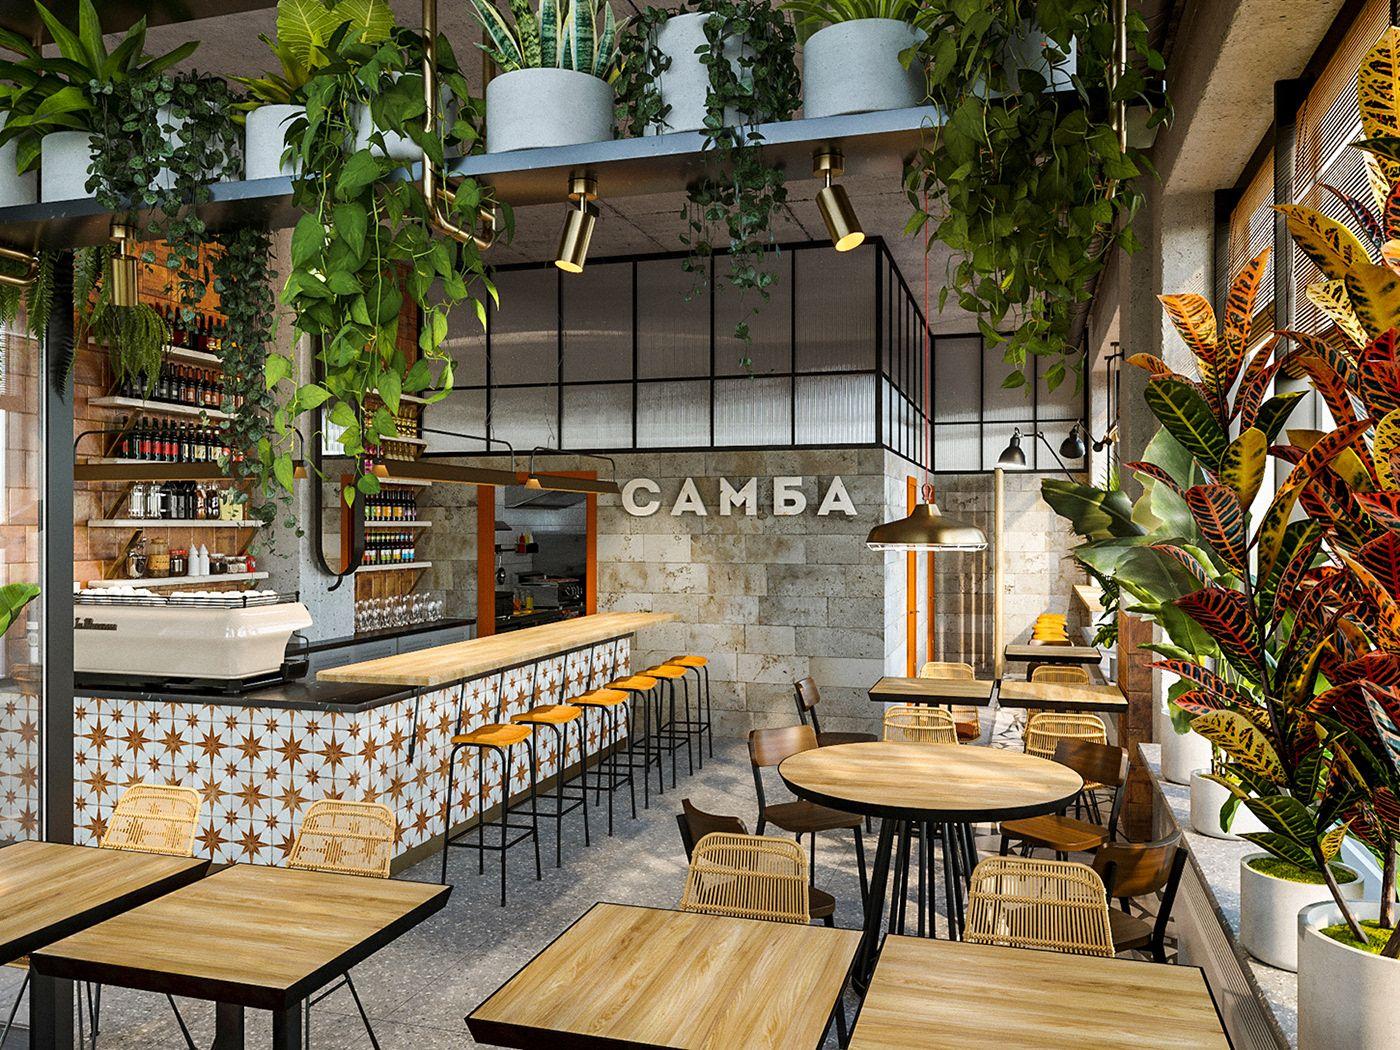 Samba cafe interior on Behance Interiores de tiendas de